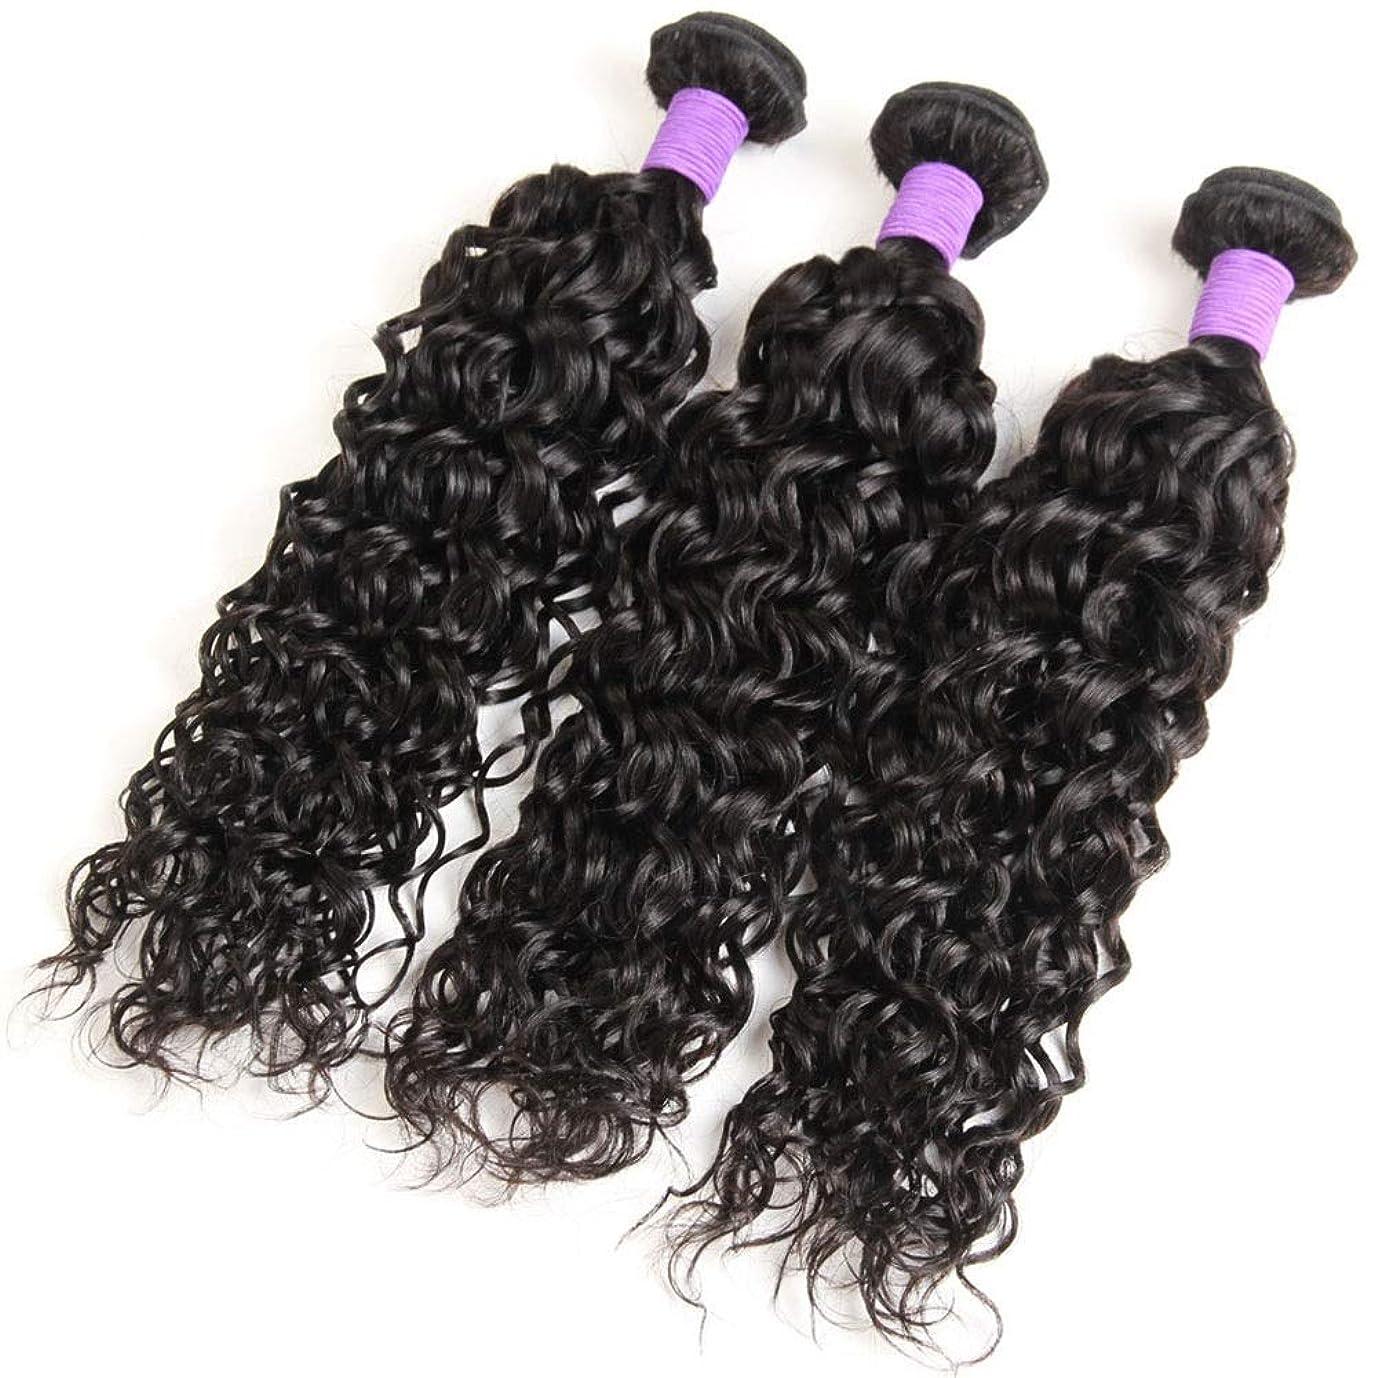 迷惑名誉ある苦しむYrattary 未処理のバージンブラジルの水髪織りバンドル、100%人毛エクステンション100 g/バンドルナチュラルカラー女性複合かつらレースかつらロールプレイングかつら (色 : 黒, サイズ : 12 inch)